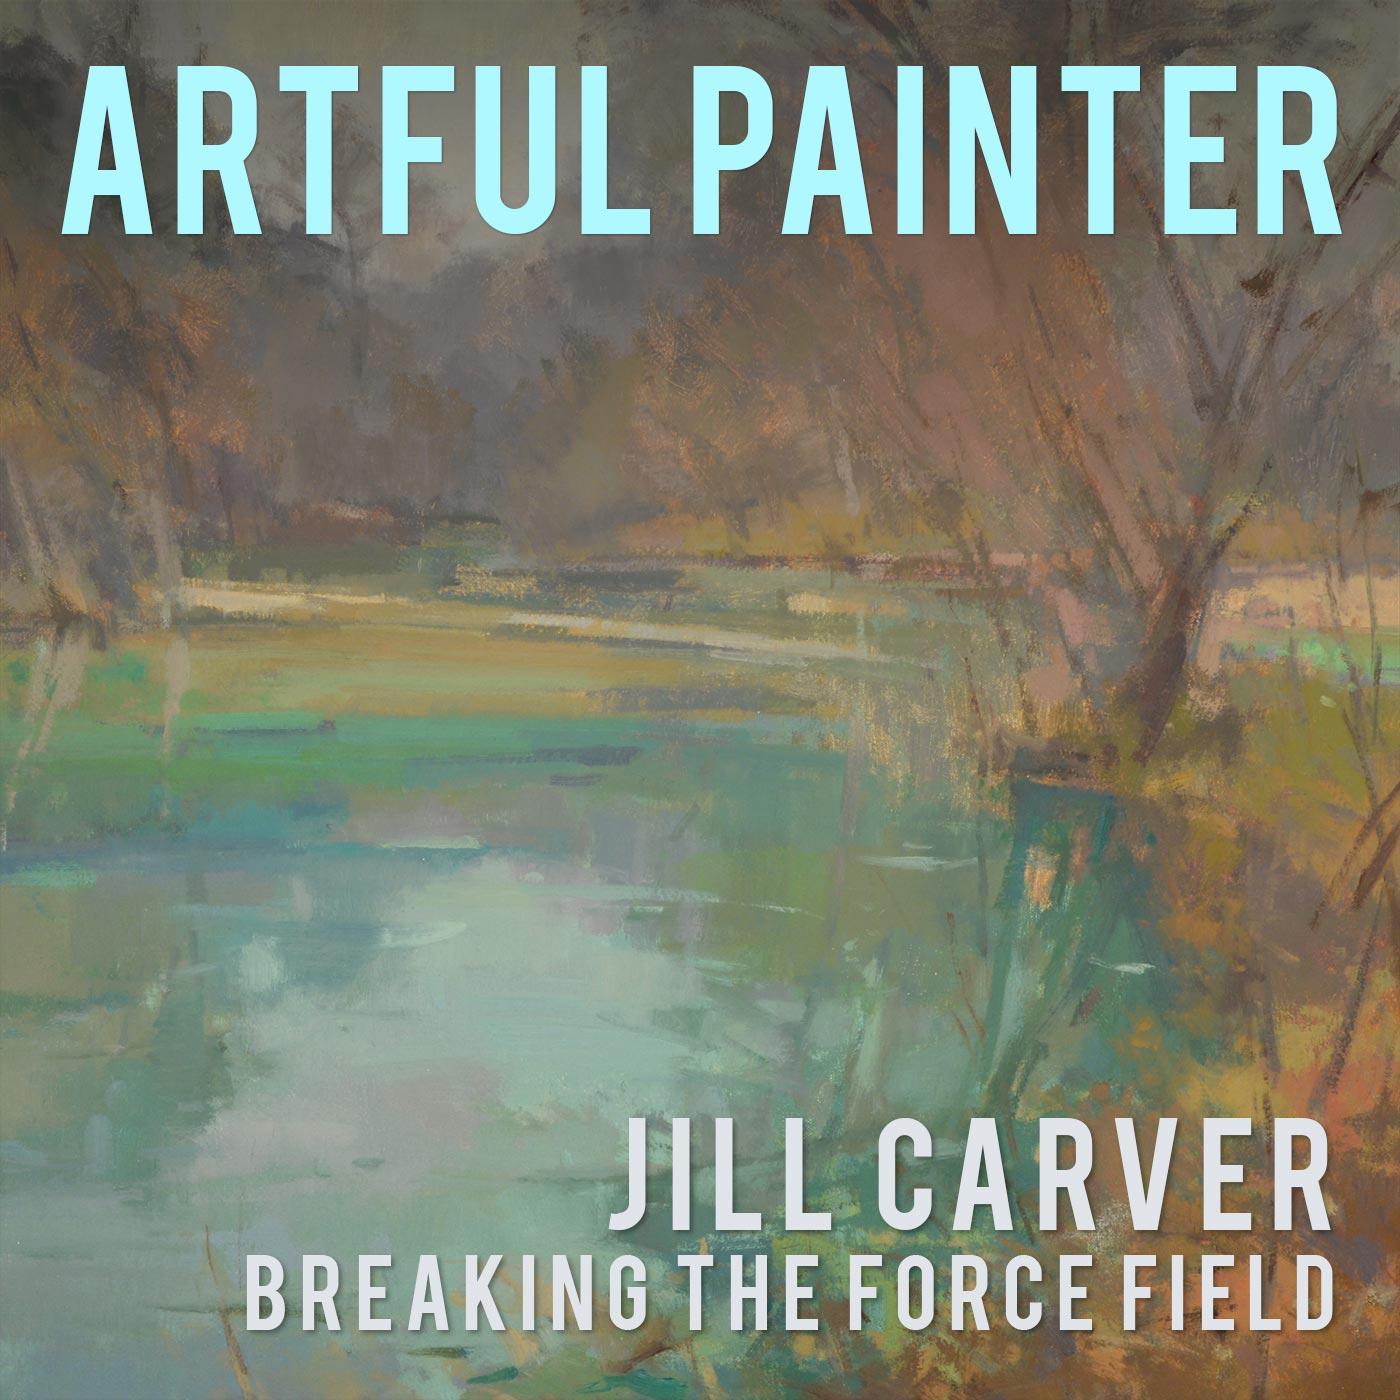 artful-painter-006-jill-carver.jpg